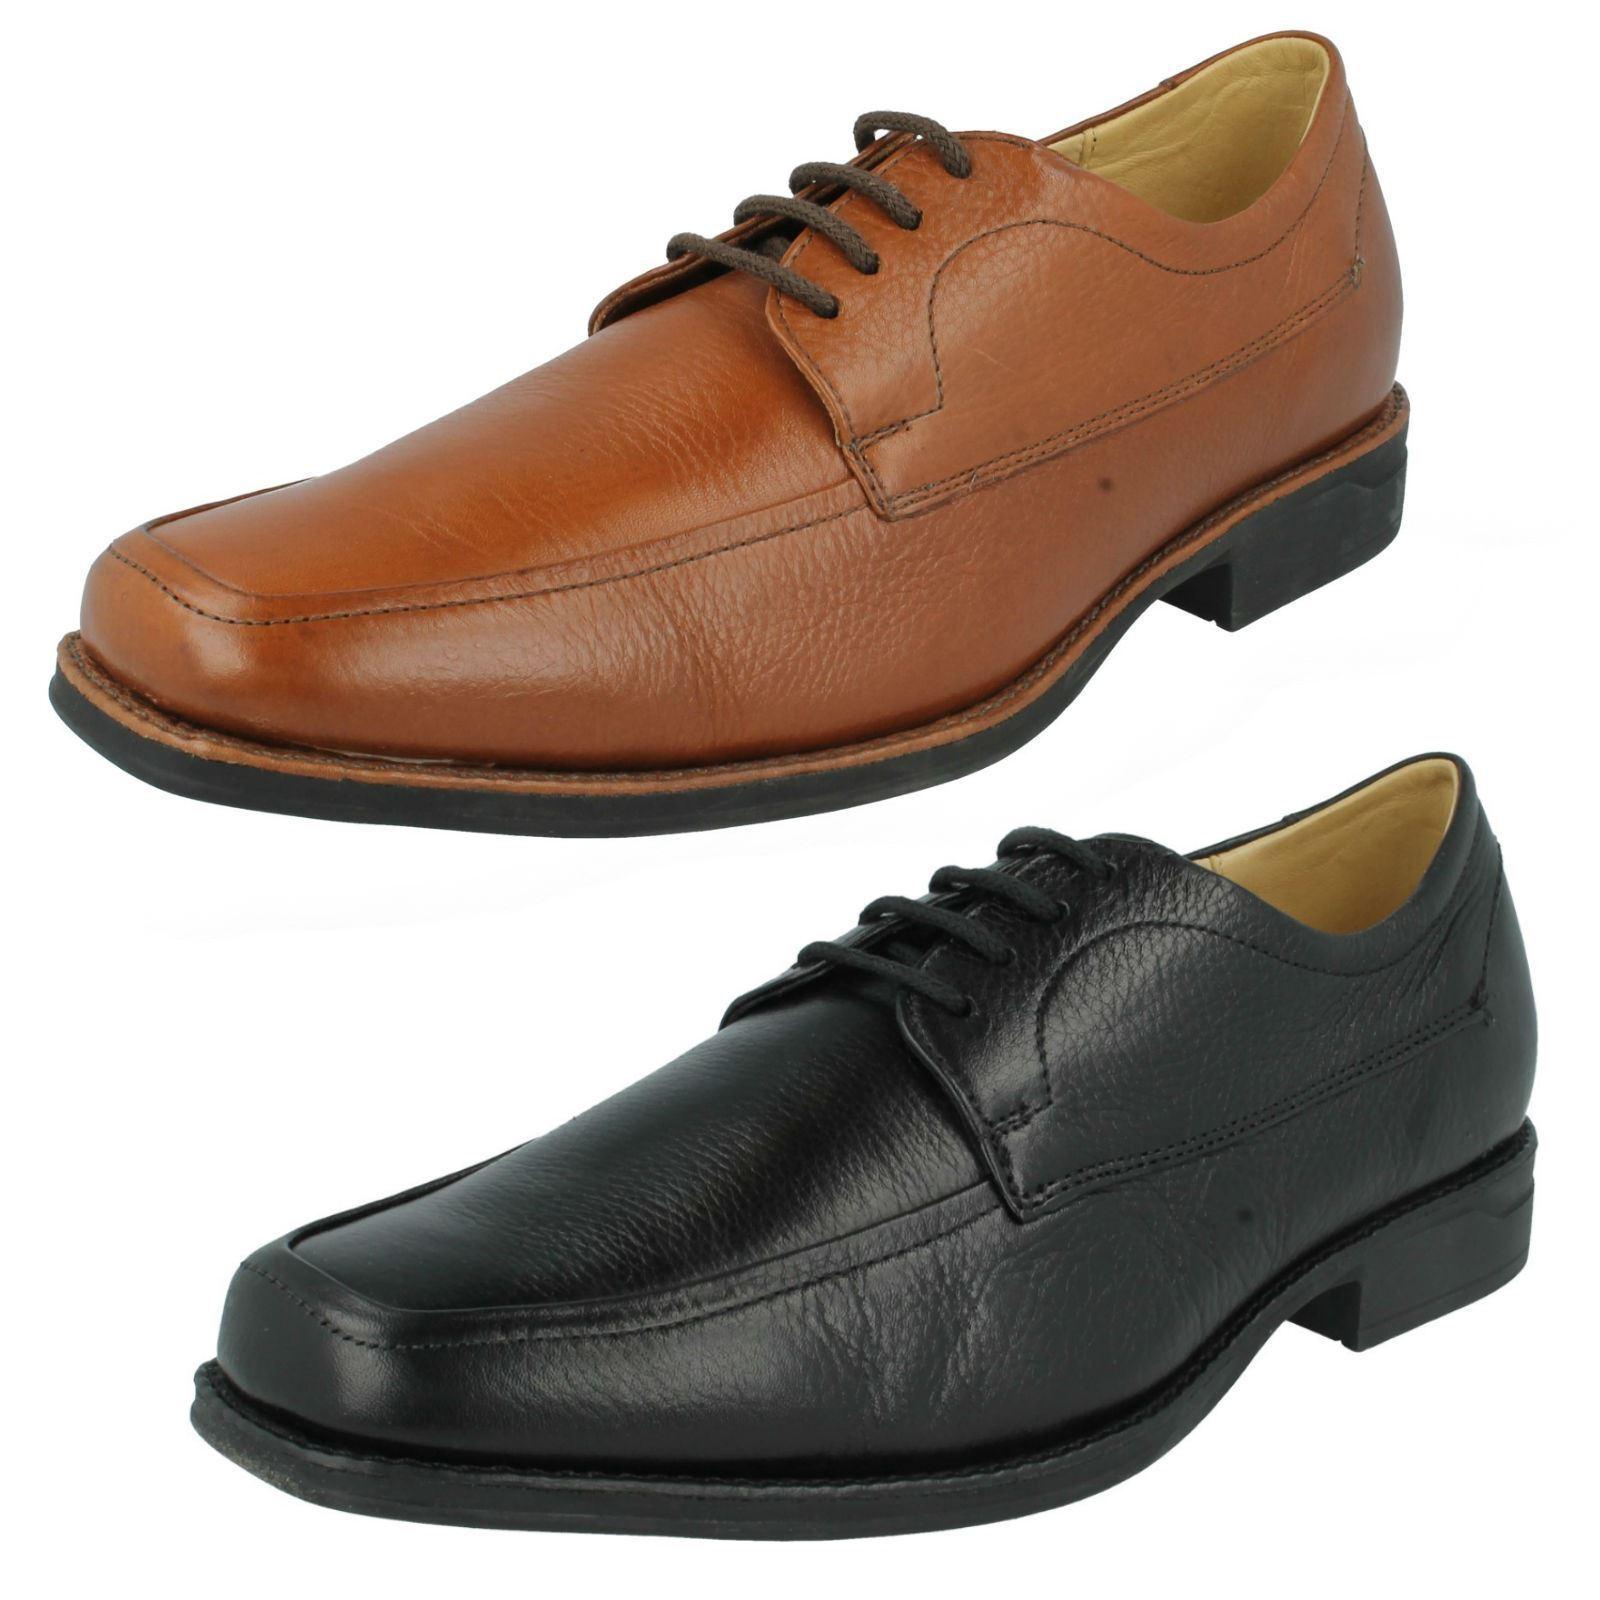 SALE Mens Anatomic & Co Leder Lace-up shoe NOVAIS